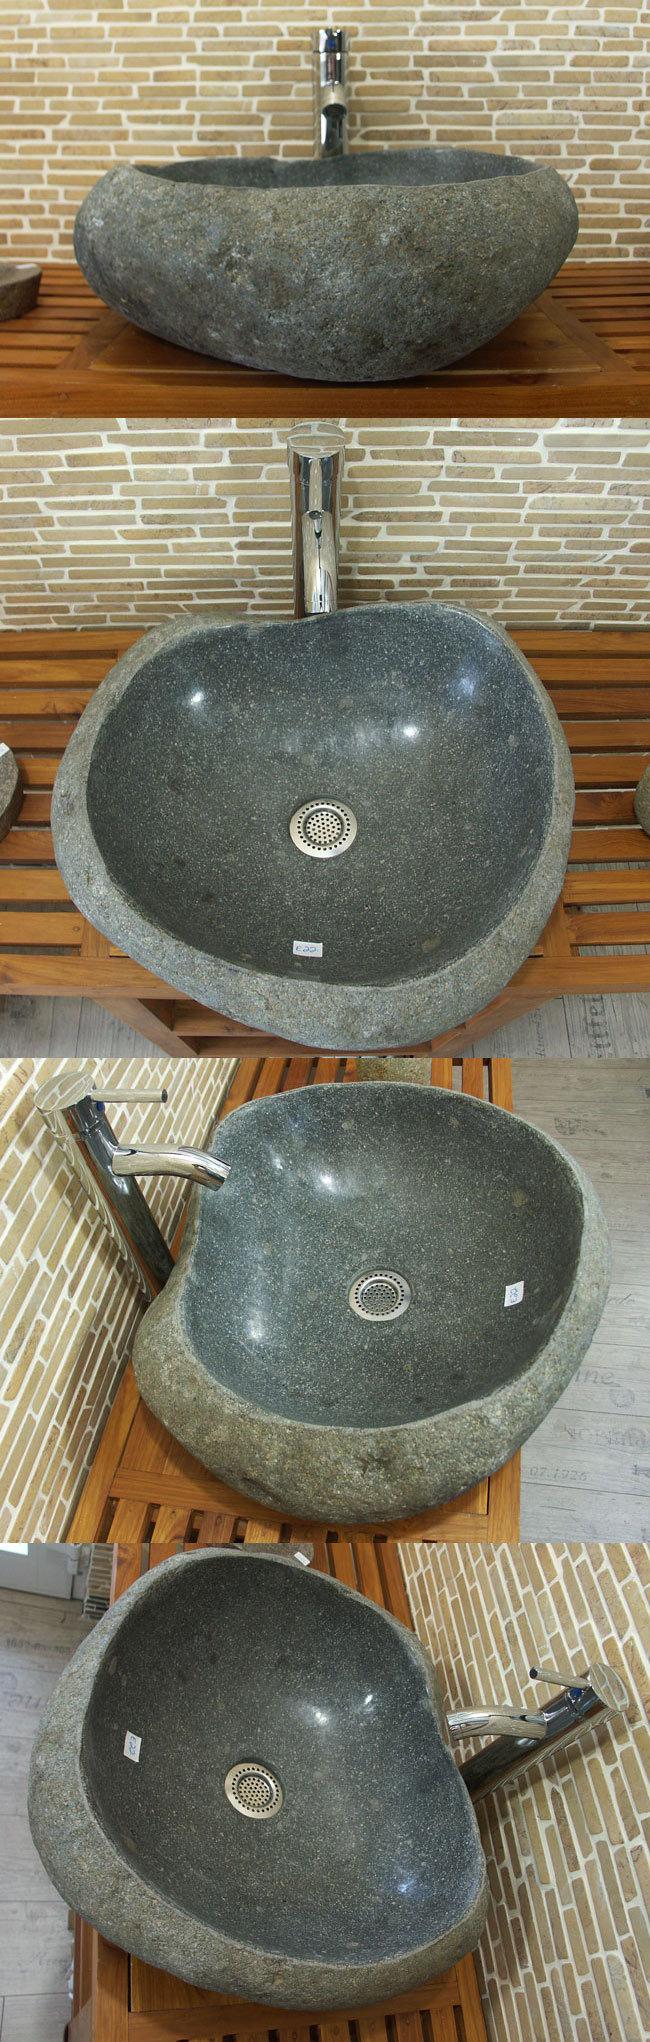 waschbecken aus flussstein bafs 22e ein unikat f r ihr bad. Black Bedroom Furniture Sets. Home Design Ideas